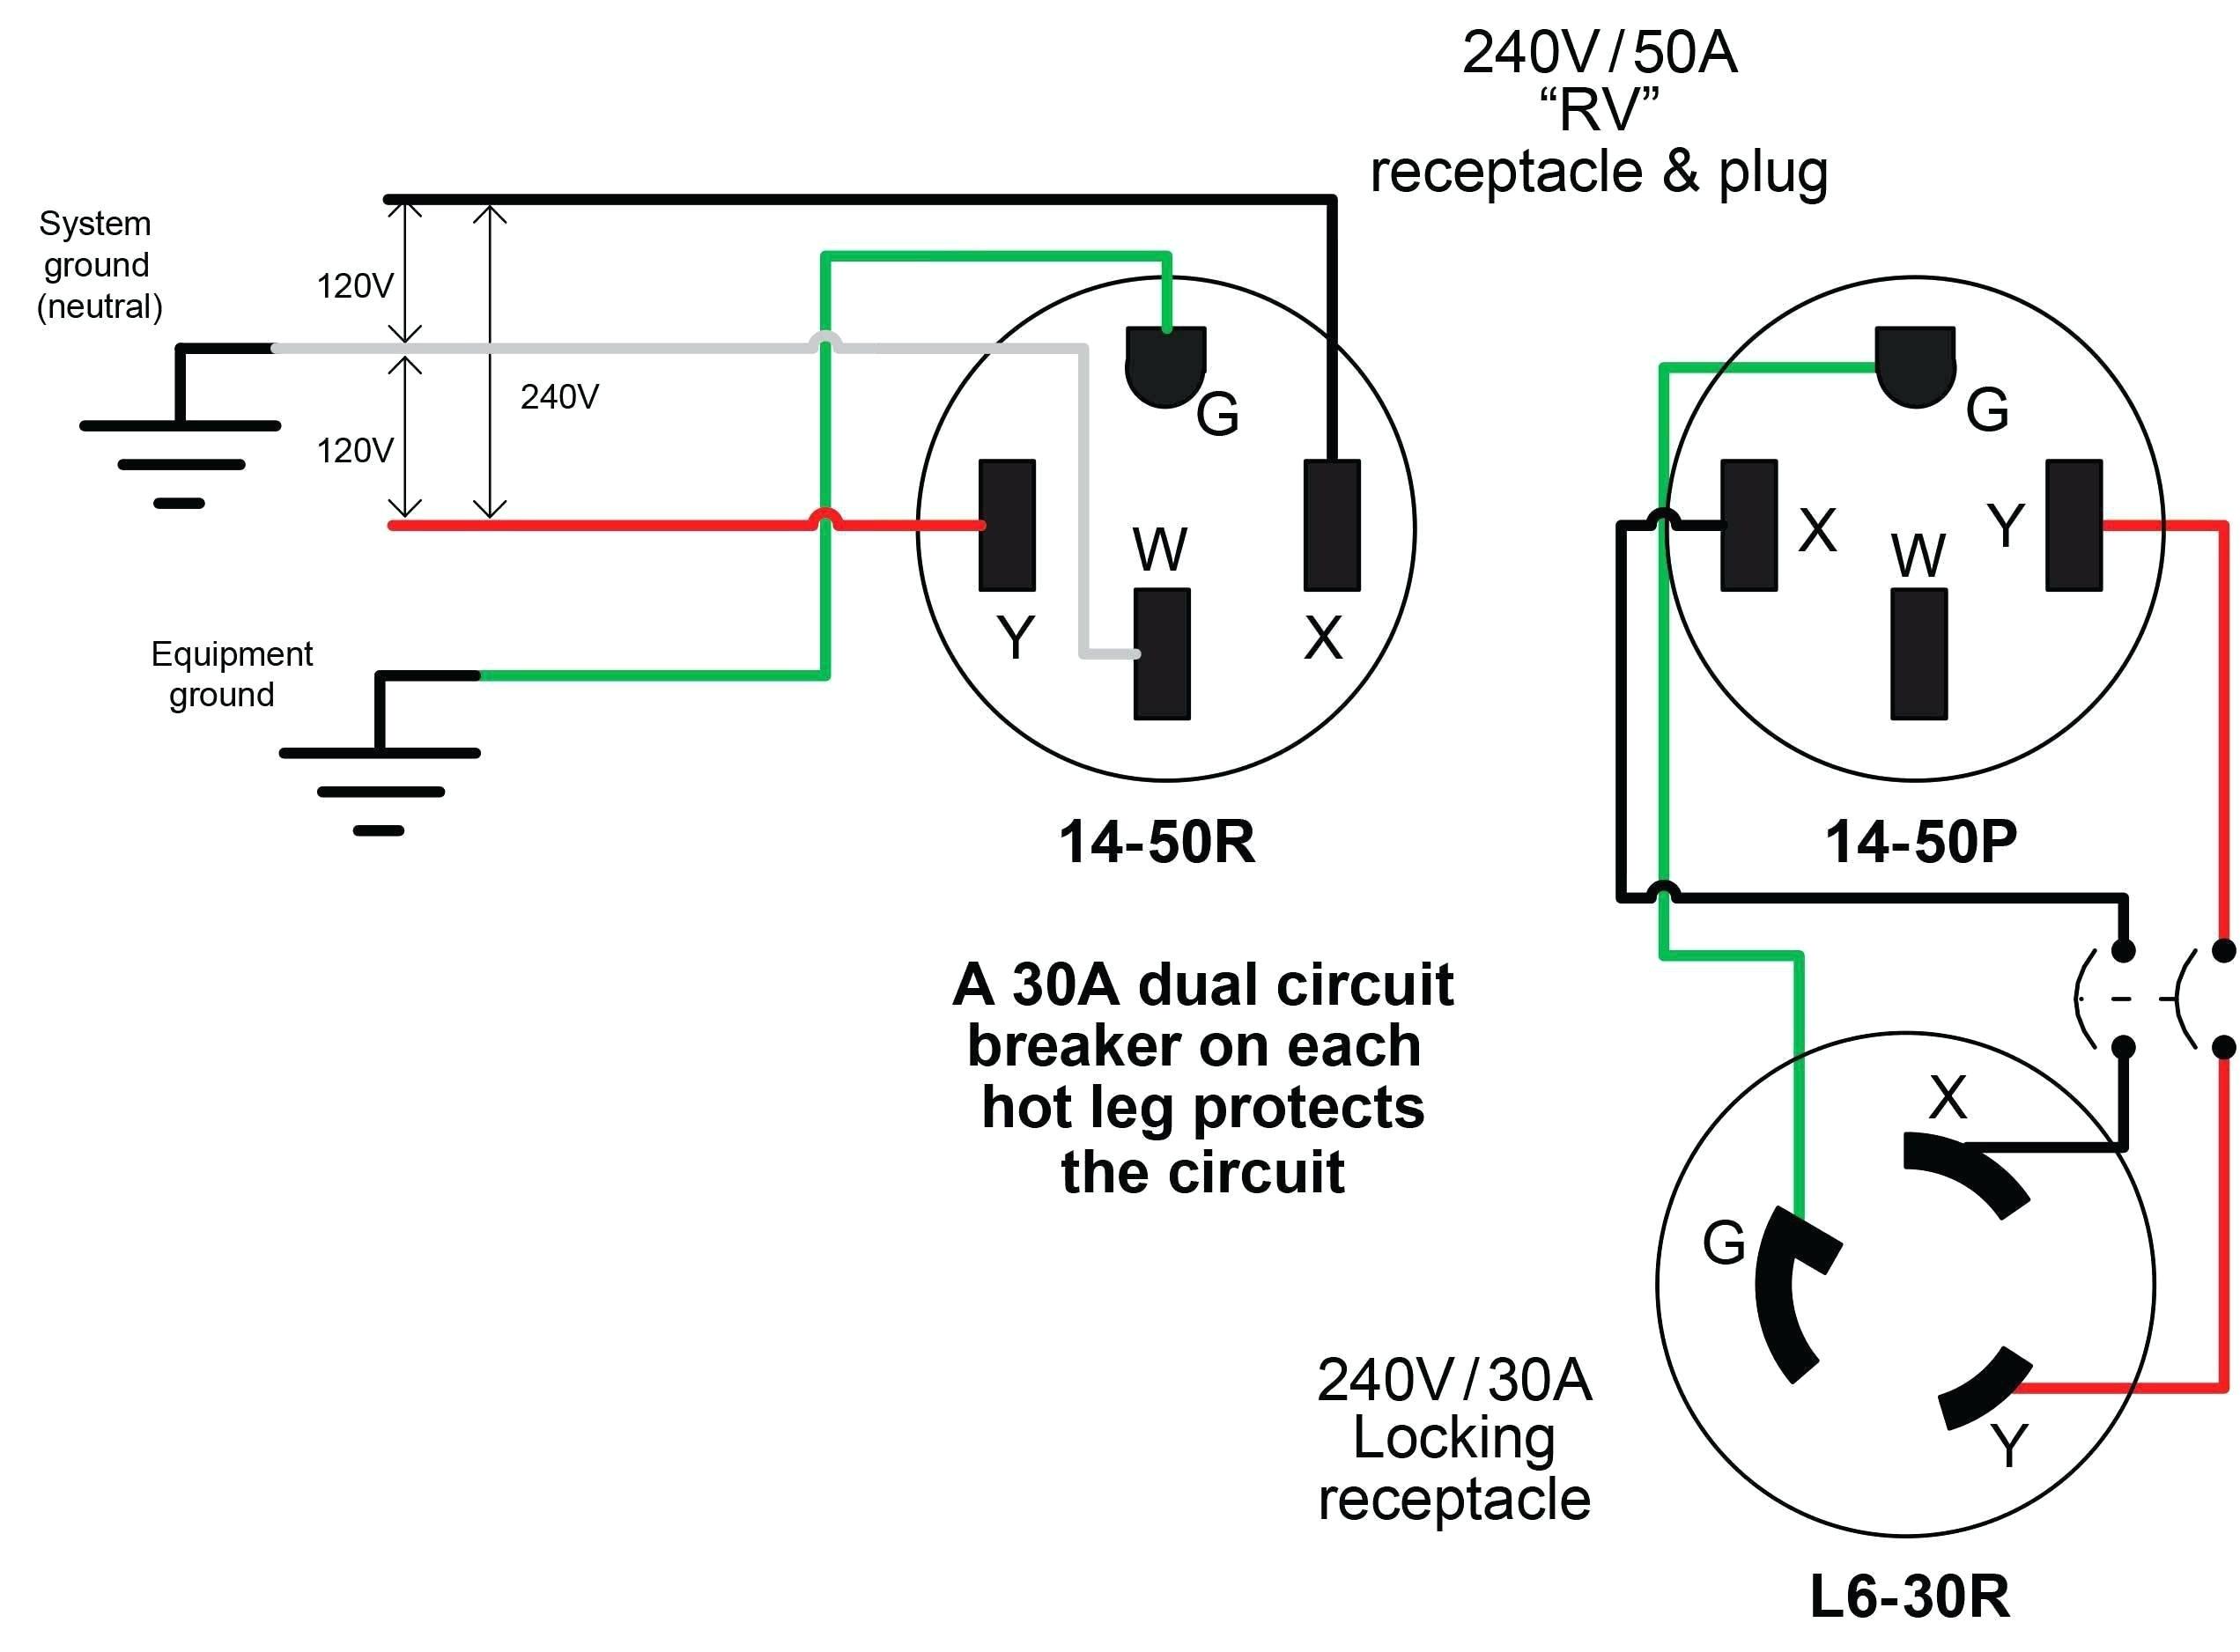 Dryer Plug Wiring Diagram - Wiring Diagrams Allelaariela